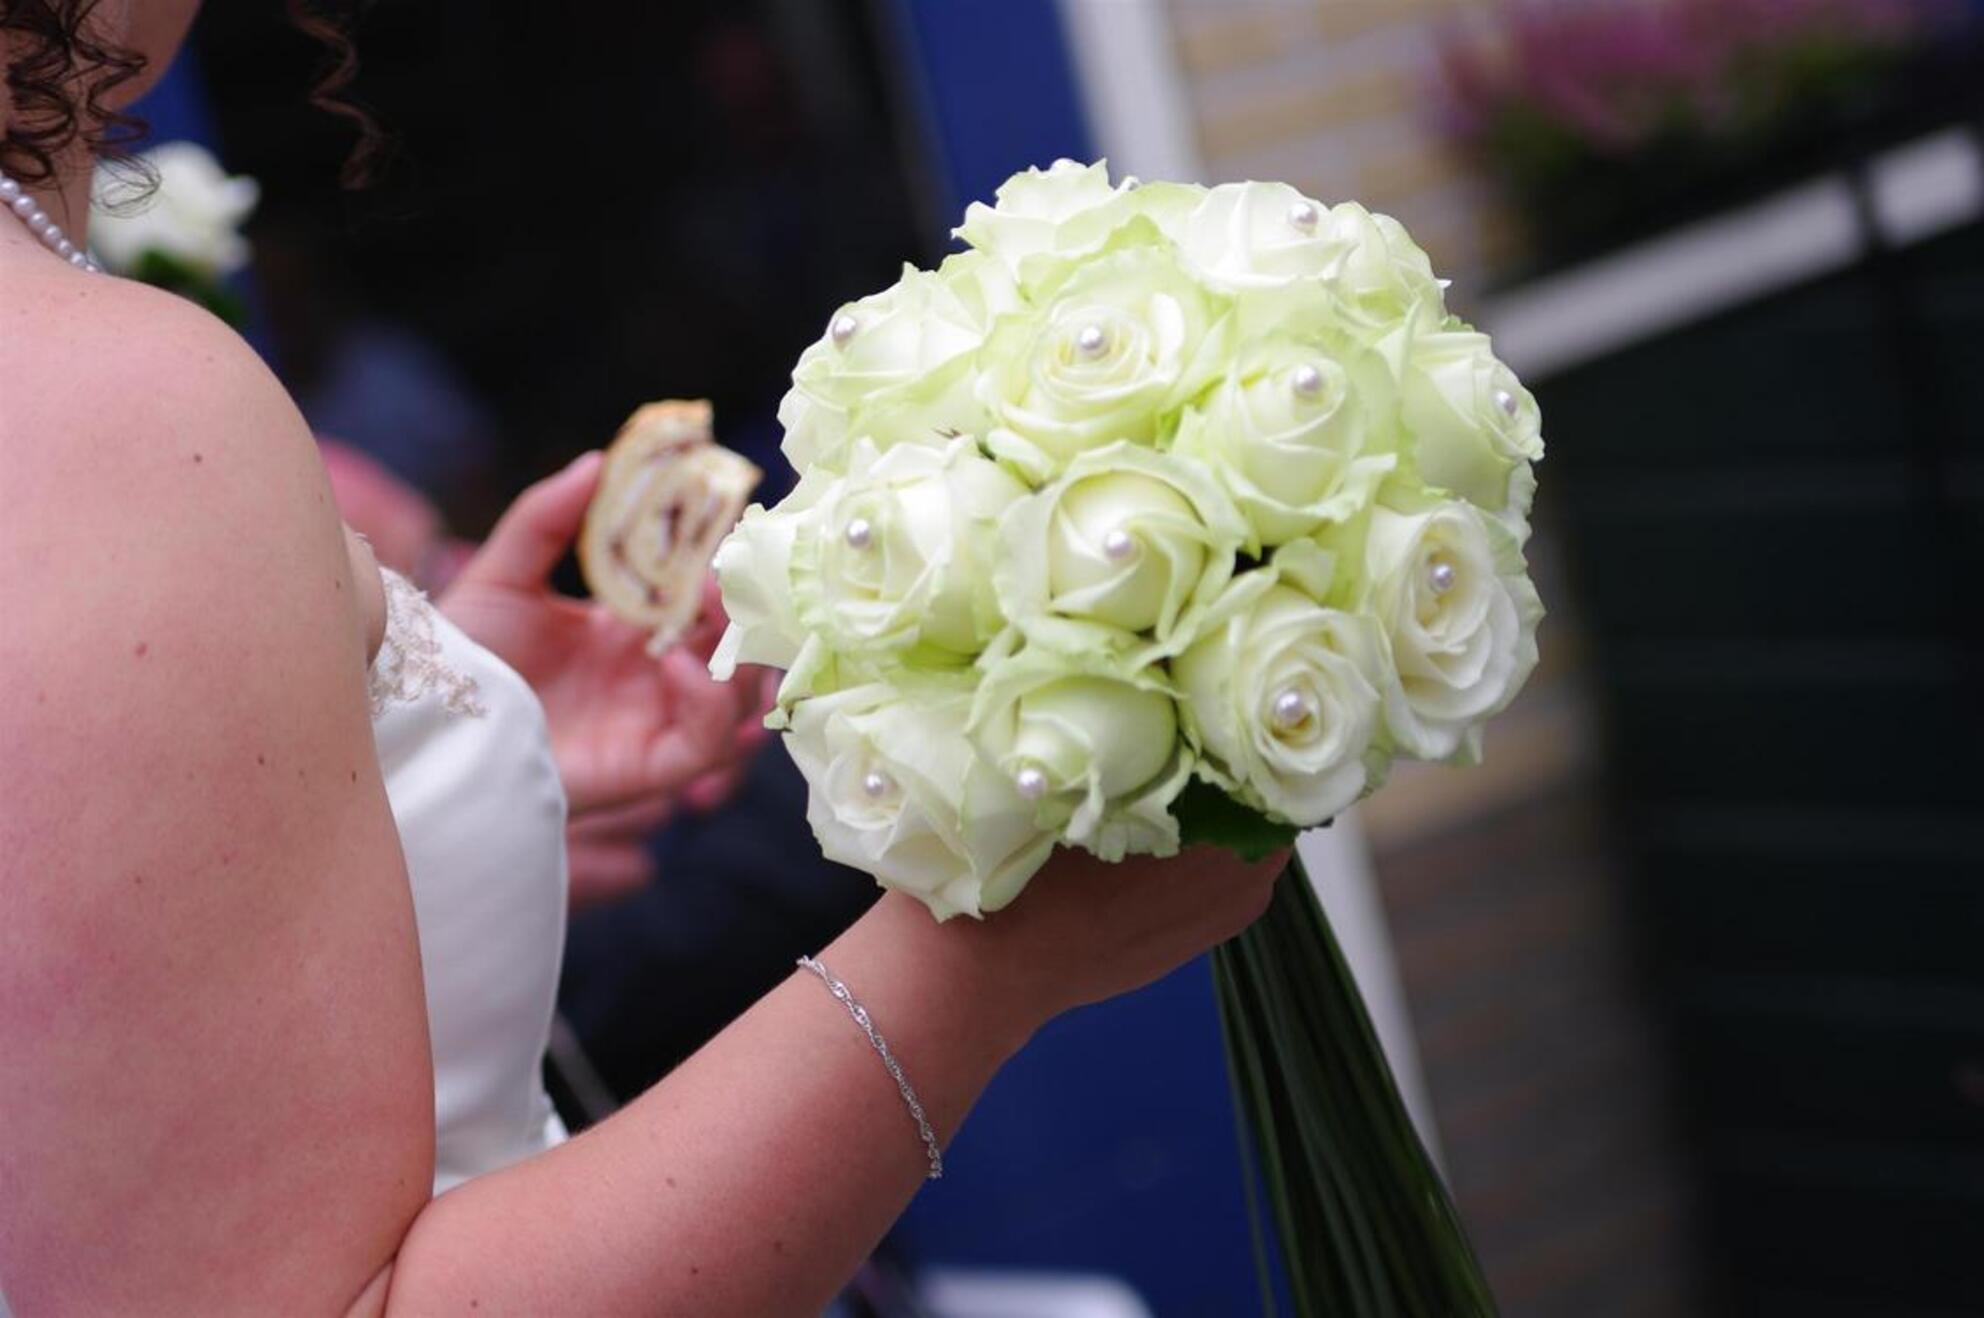 Bruidsboeket - - - foto door Alexander5592 op 08-01-2010 - deze foto bevat: trouwen, boeket, huwelijk, bruid - Deze foto mag gebruikt worden in een Zoom.nl publicatie